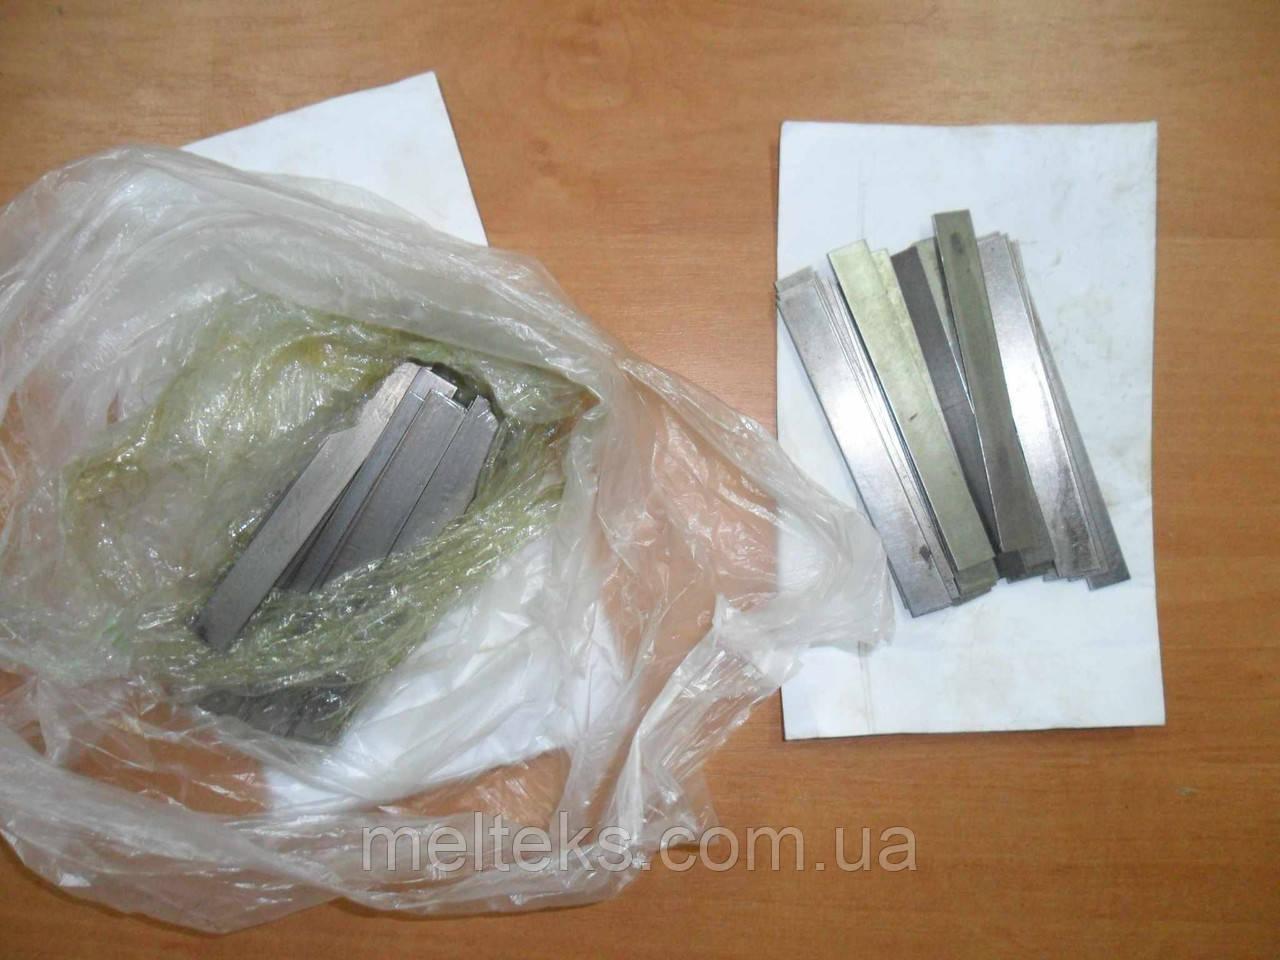 Клапана компрессора 4ВУ-5/9 - оригинальные (Литва)